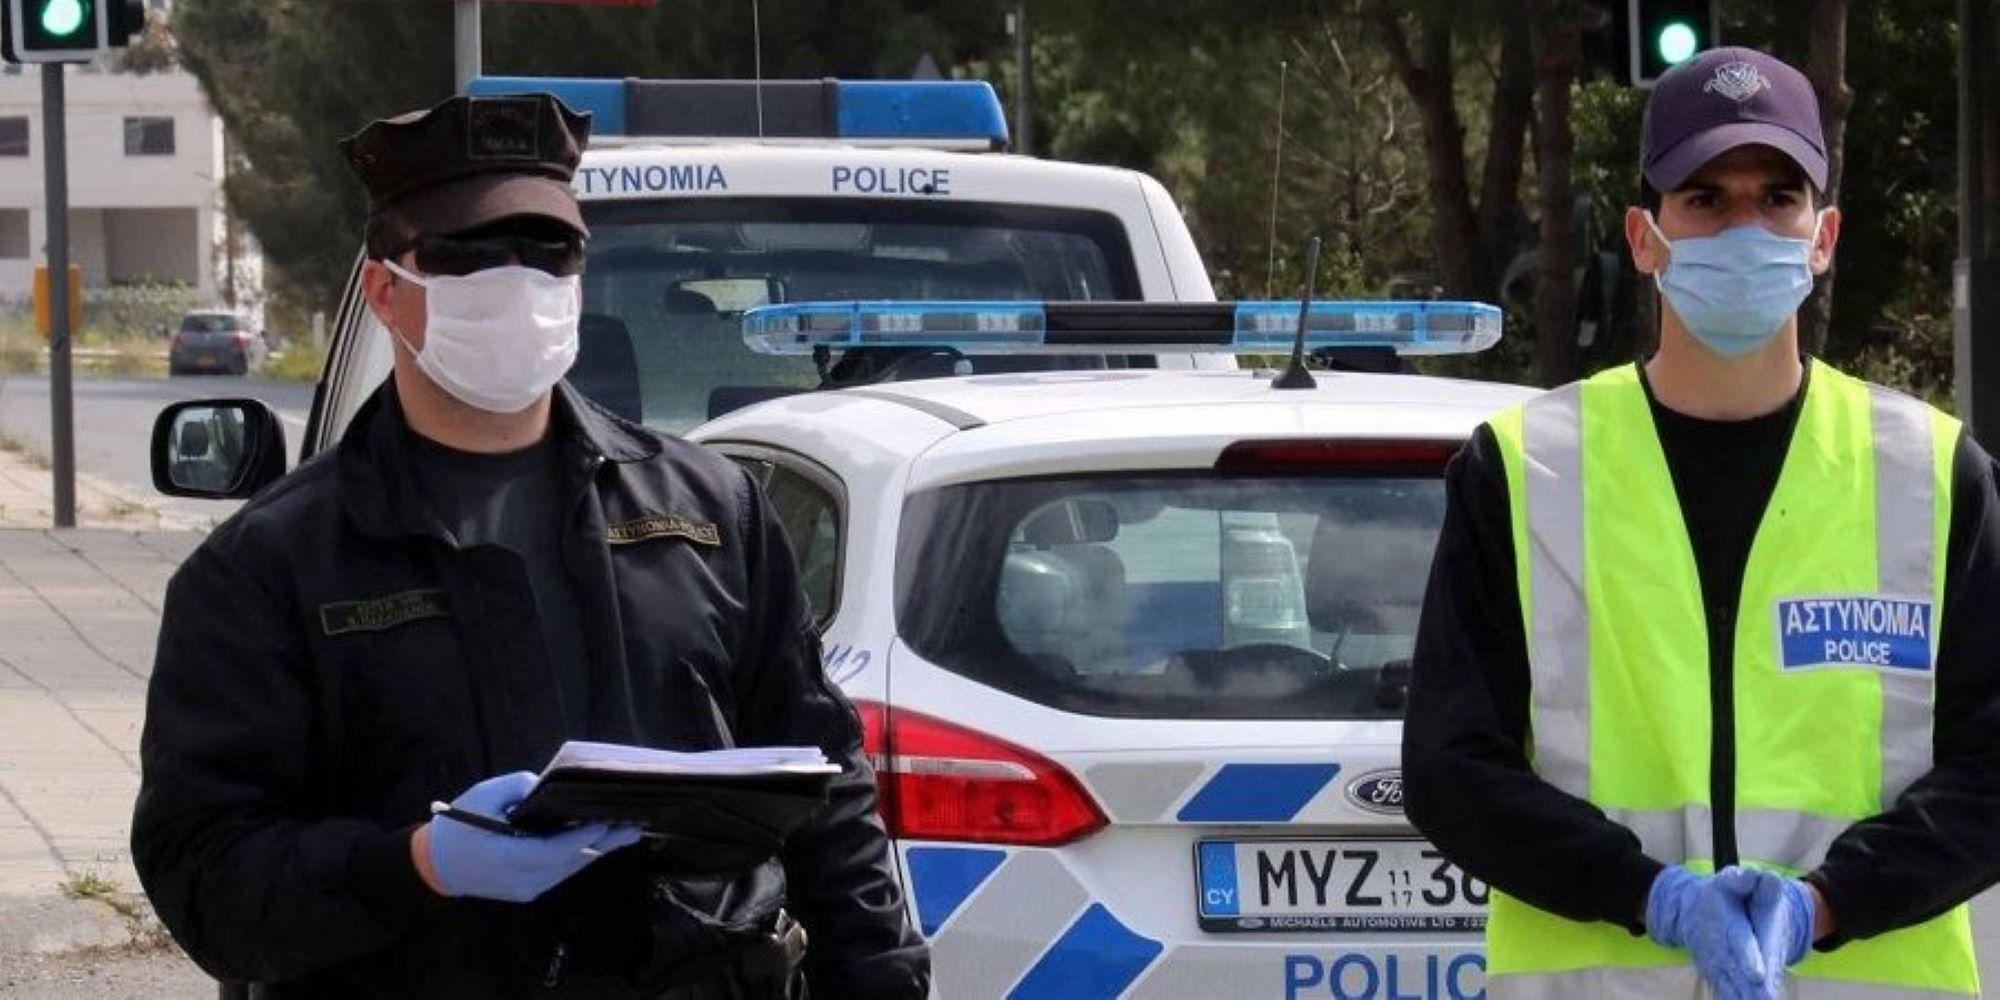 Η Αστυνομία κατήγγειλε 97 πολίτες το τελευταίο 24ωρο για παραβίαση διαταγμάτων κατά COVID-19